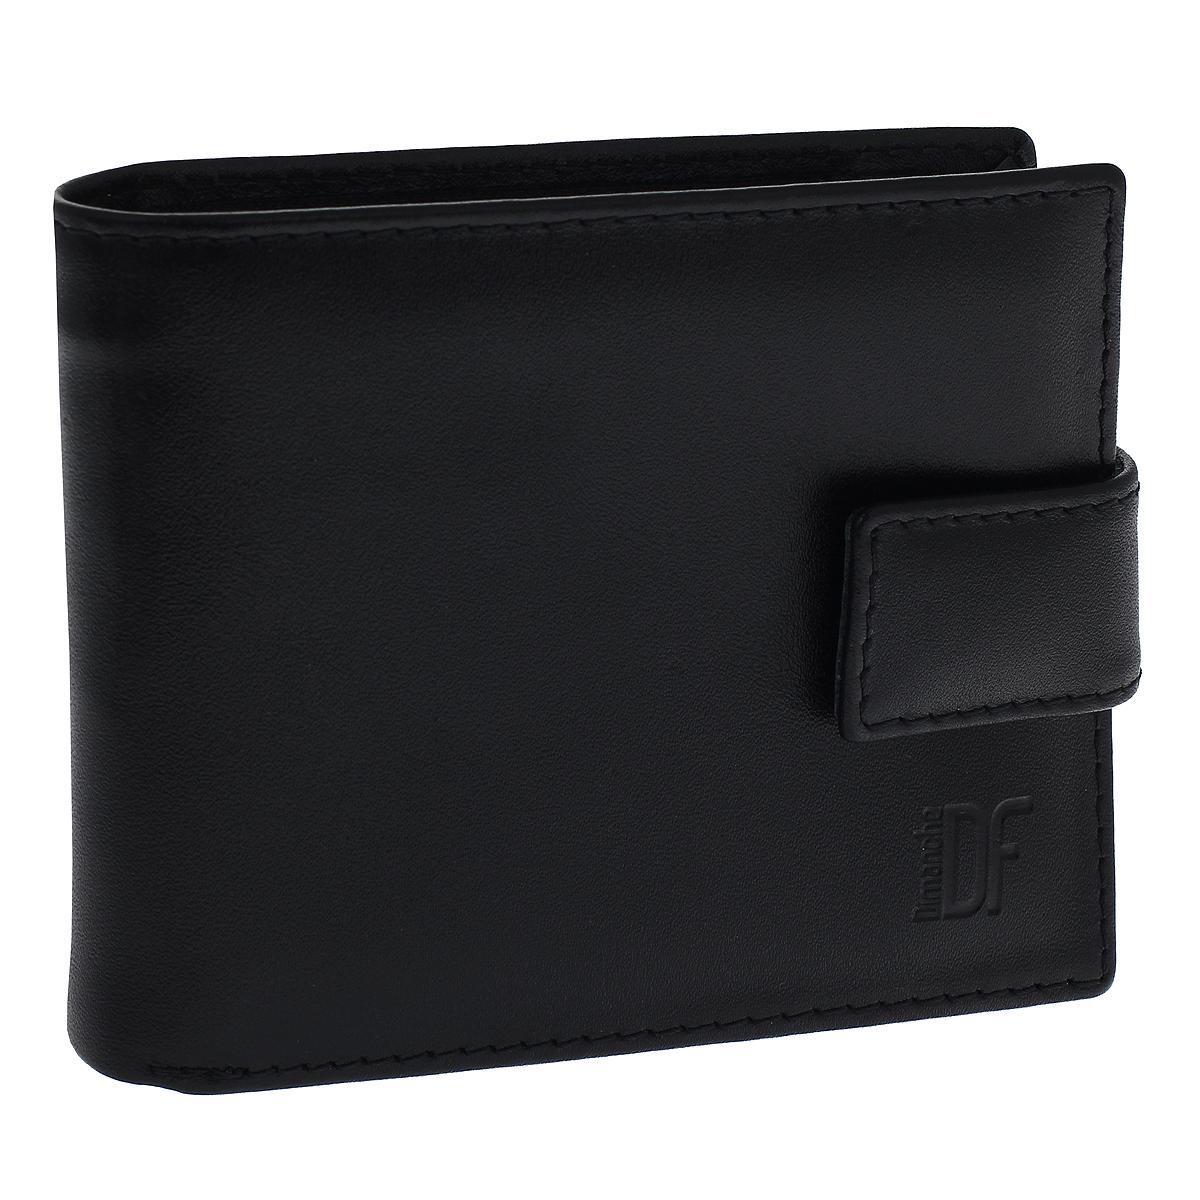 Портмоне мужское Dimanche Bond, цвет: черный. 964964Портмоне Dimanche Bond изготовлено из натуральной кожи черного цвета. Закрывается хлястиком на кнопку. Внутри содержится 2 отделения для купюр, дополнительный карман на молнии, 6 карманов для кредитных карт, 2 потайных кармашка для мелких бумаг и объемный карман для мелочи, который закрывается клапаном на кнопку. Внутри кошелек отделан атласным полиэстером черного цвета с узором. Фурнитура - серебристого цвета. Стильное портмоне отлично дополнит ваш образ и станет незаменимым аксессуаром на каждый день. Упаковано в фирменную картонную коробку коричневого цвета.